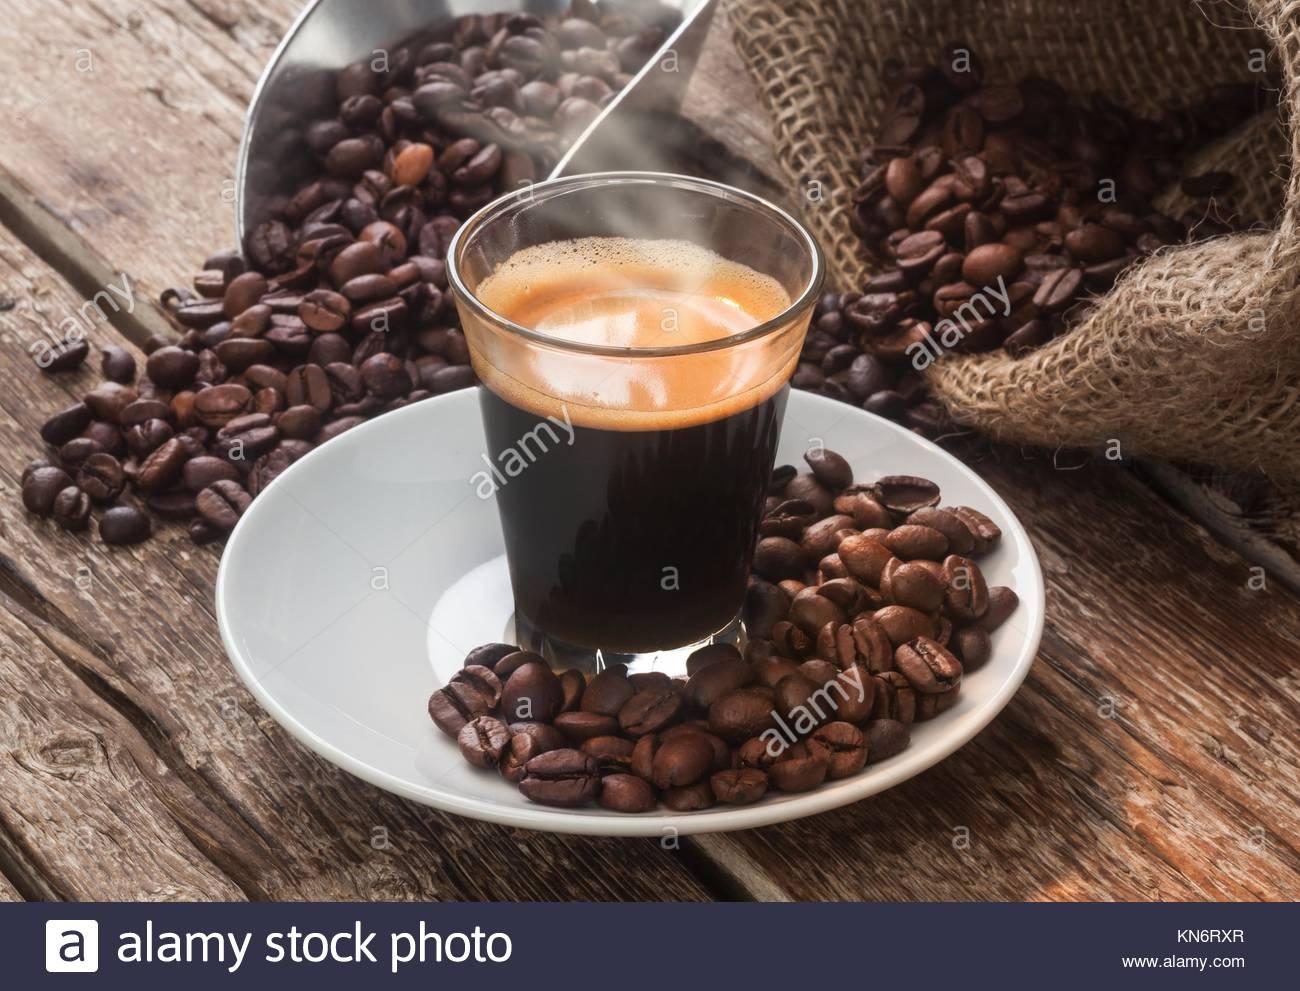 Espresso Kaffee in Glastasse mit Kaffeebohnen auf Holztisch. Stockbild